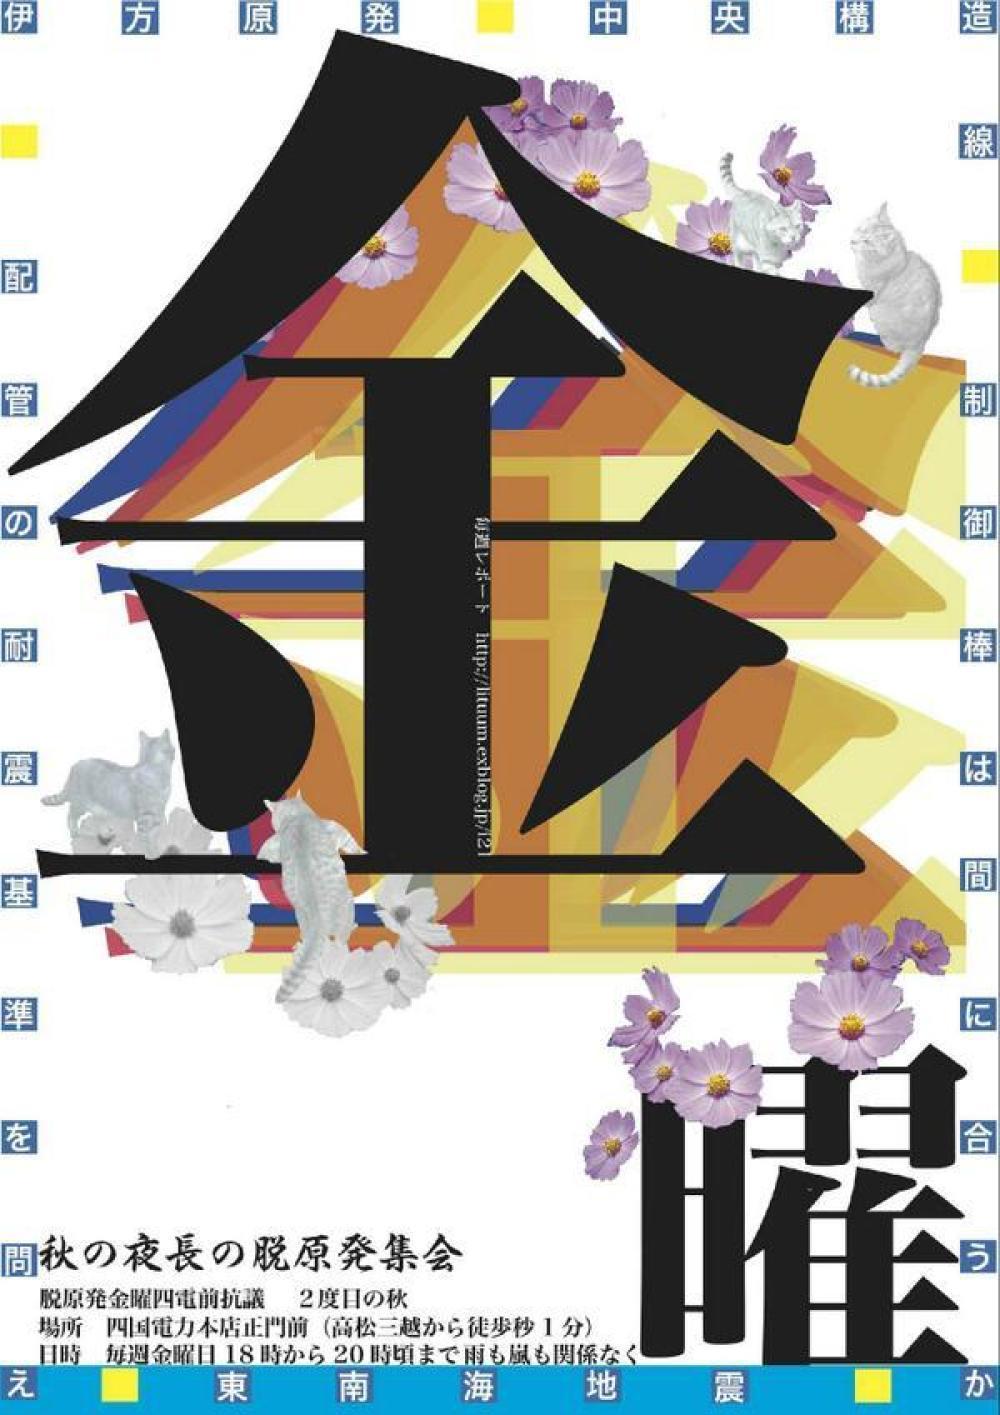 325回目四電本社前再稼働反対抗議レポ 9月28日(金)高松 【 伊方原発を止めた。私たちは止まらない。41 】 【「厳格な審査基準」「社会通念である」は間違い 】_b0242956_19235581.jpg